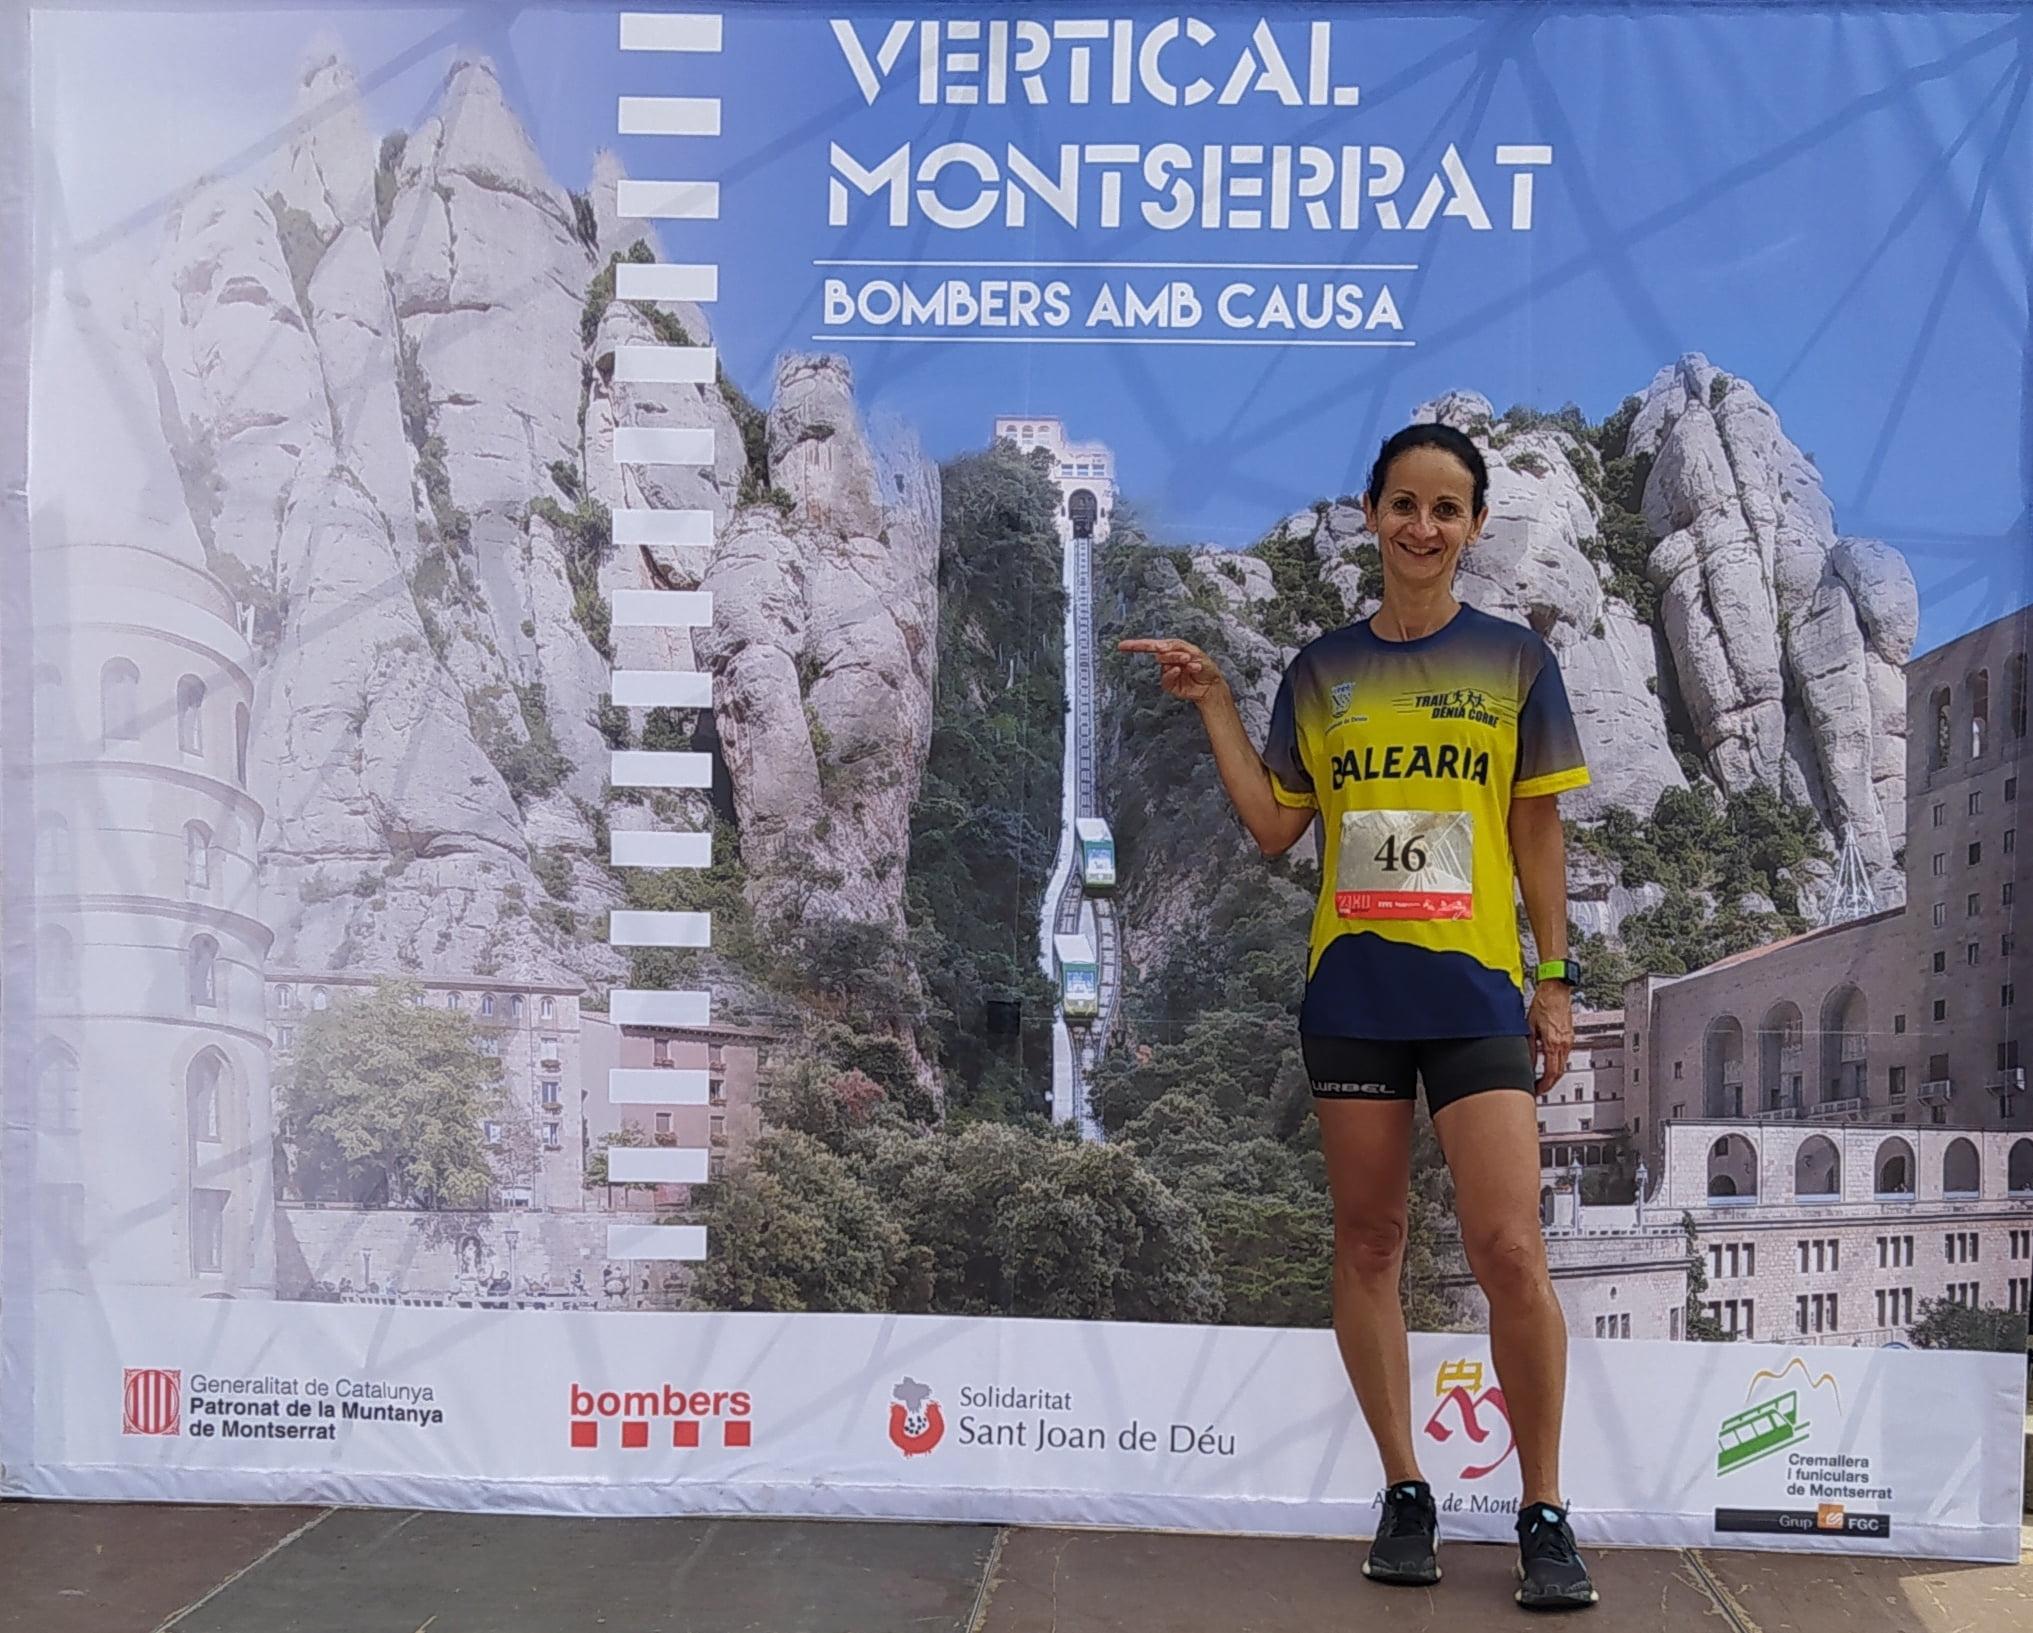 Participación en la Vertical de Montserrat